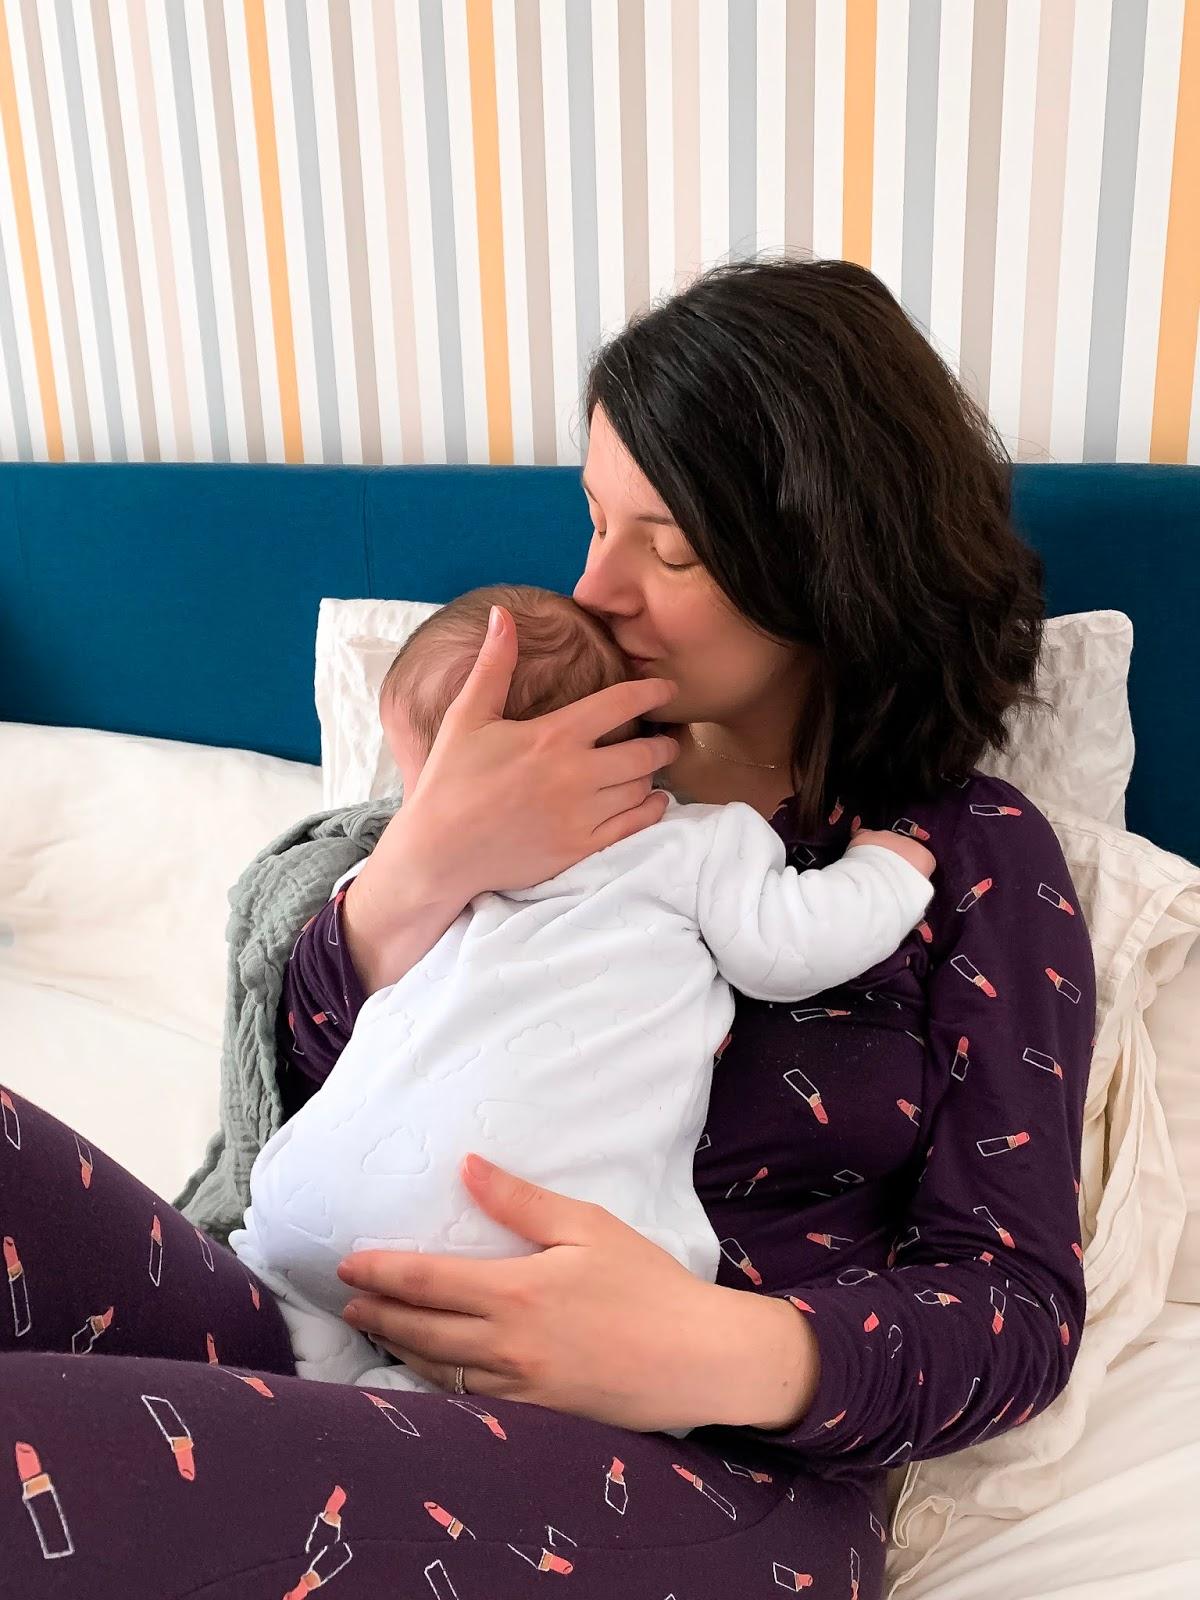 allaitement exclusif maternage experience césarienne sevrage normalizebreastfeeding quotidien quantité reflexe d'éjection fort leache league vêtement d'allaitement allaiter partout